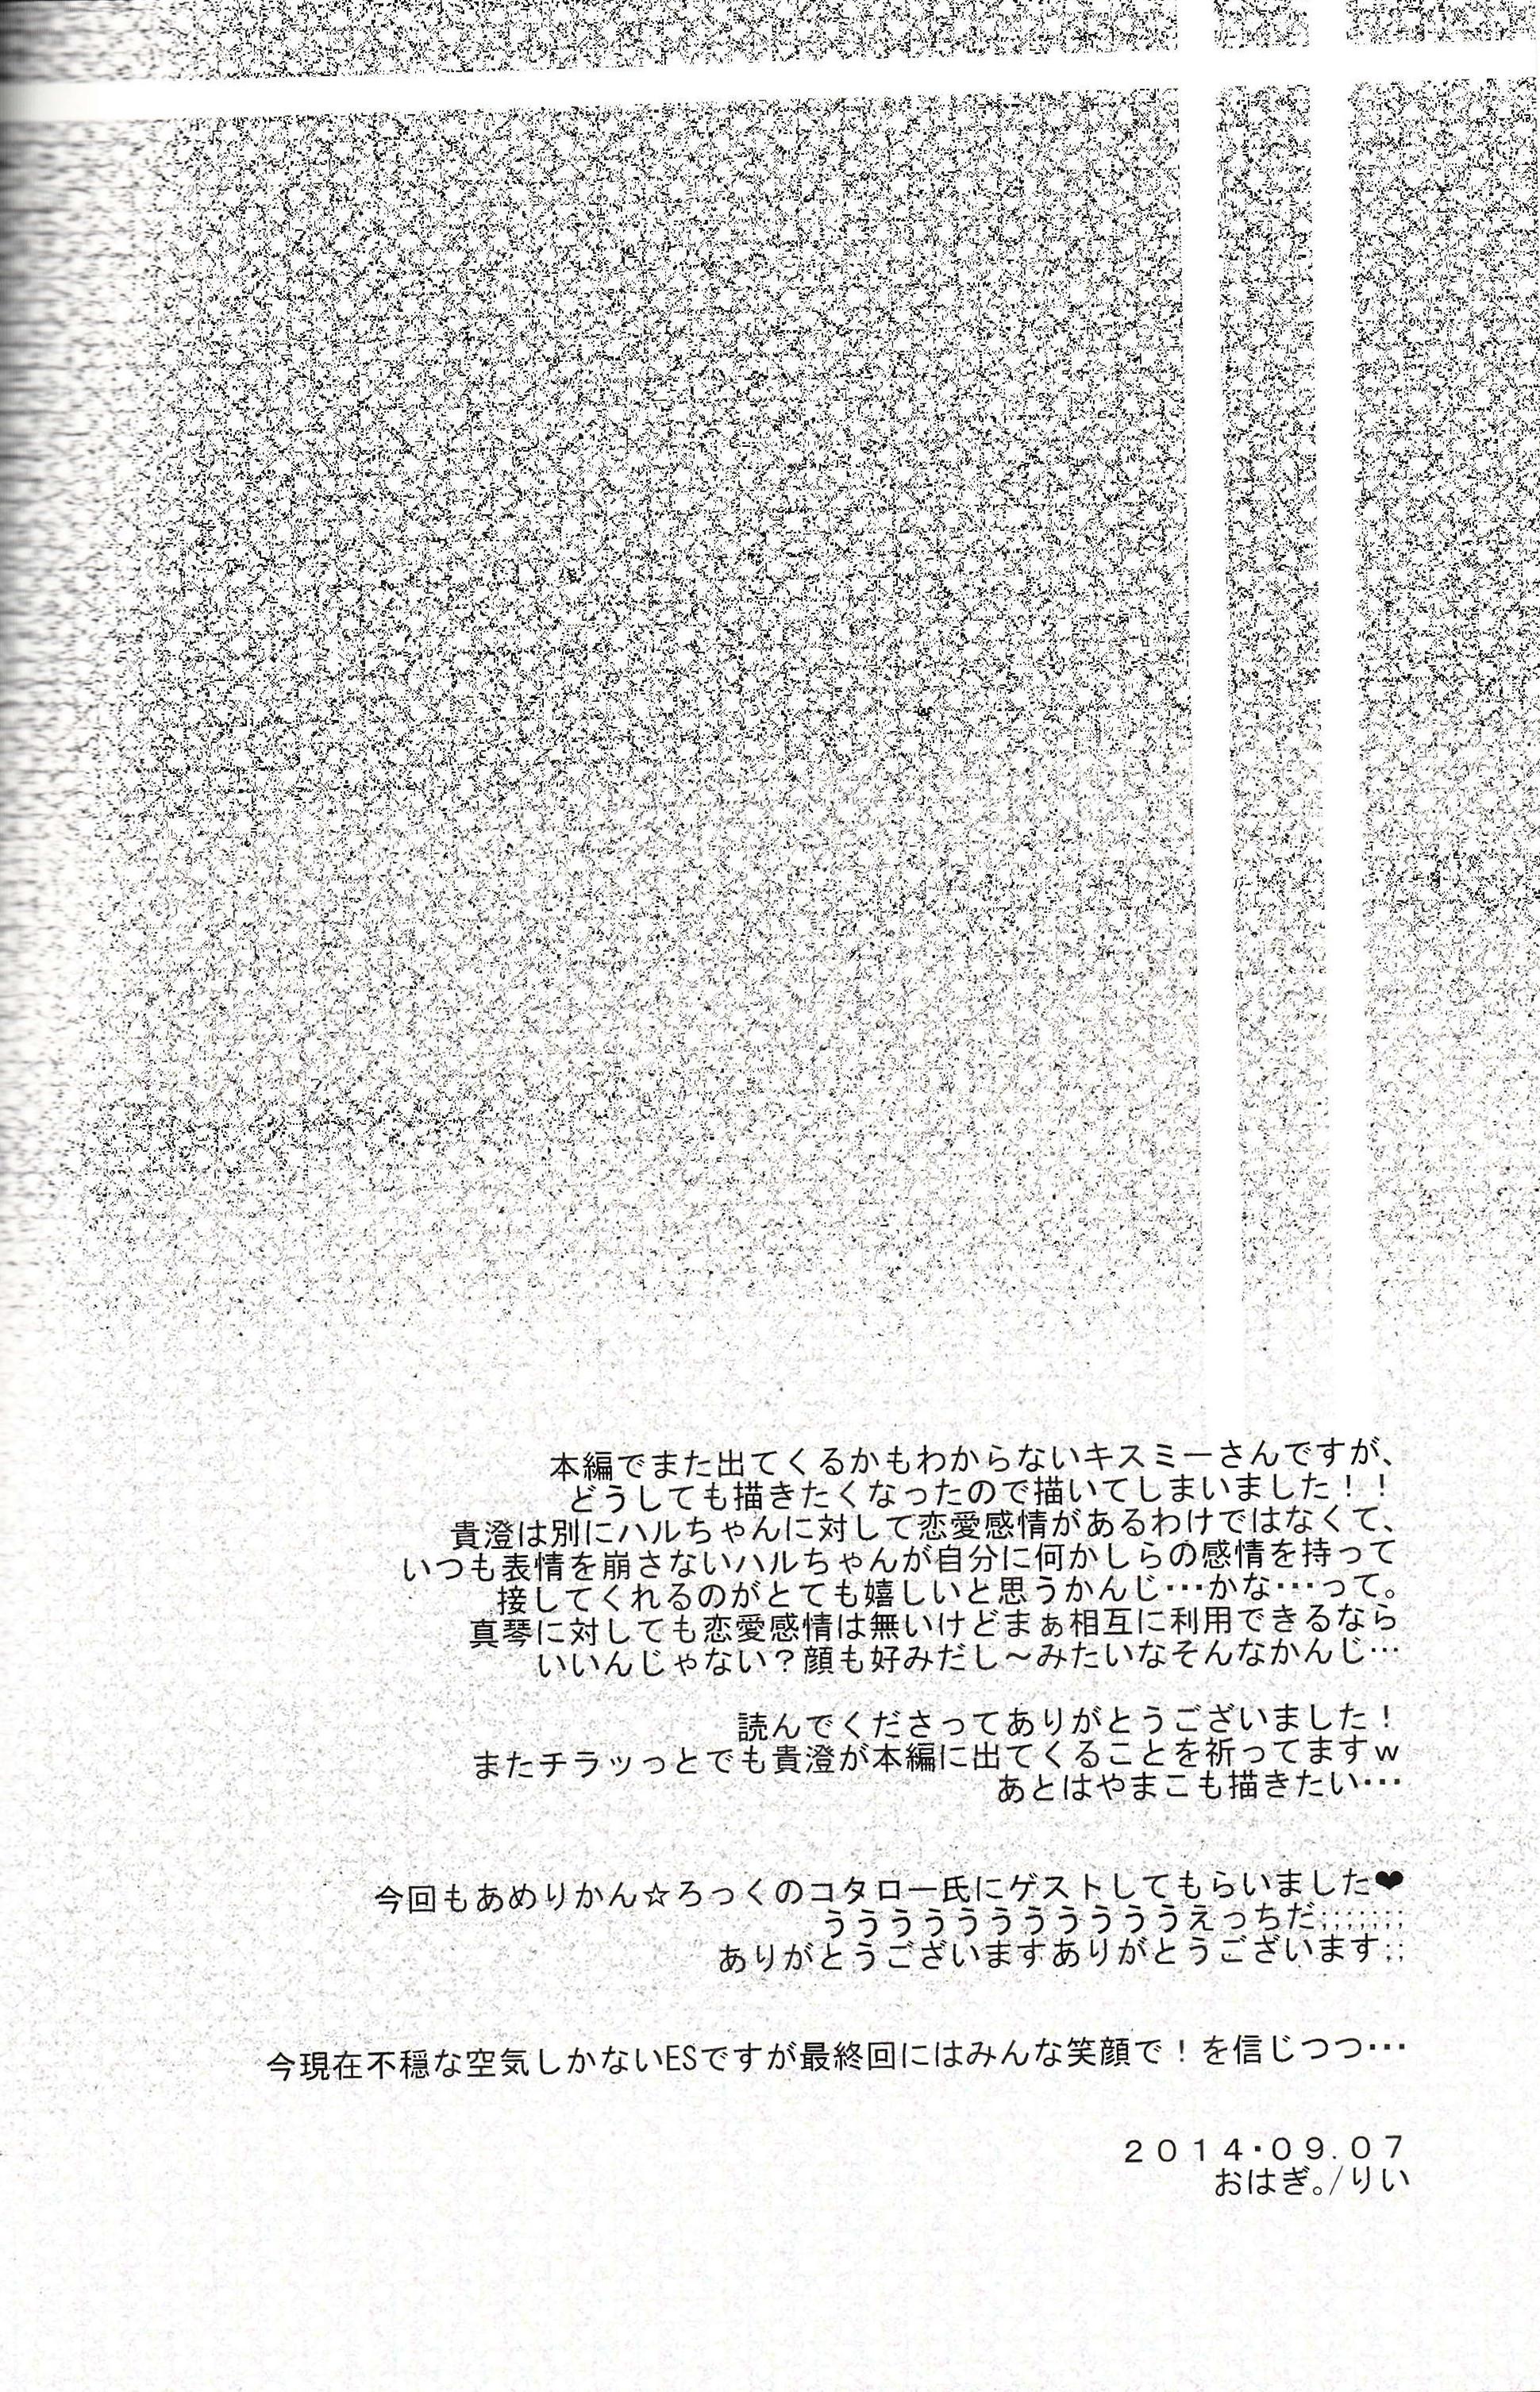 Uso to Netsujou 14